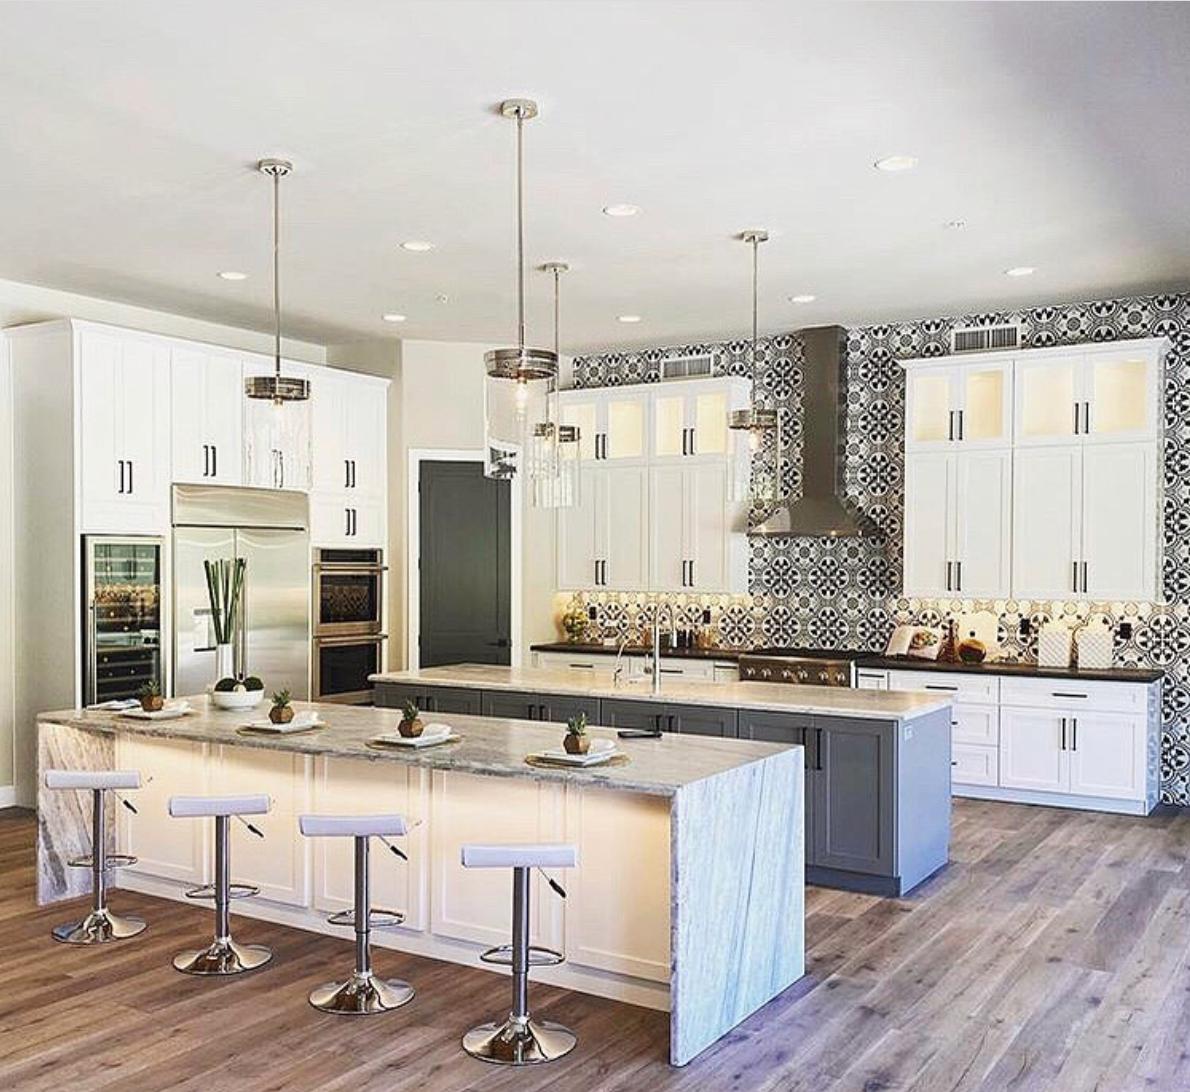 Double Island Kitchen In 2021 Kitchen Design Kitchen Inspirations Double Island Kitchen